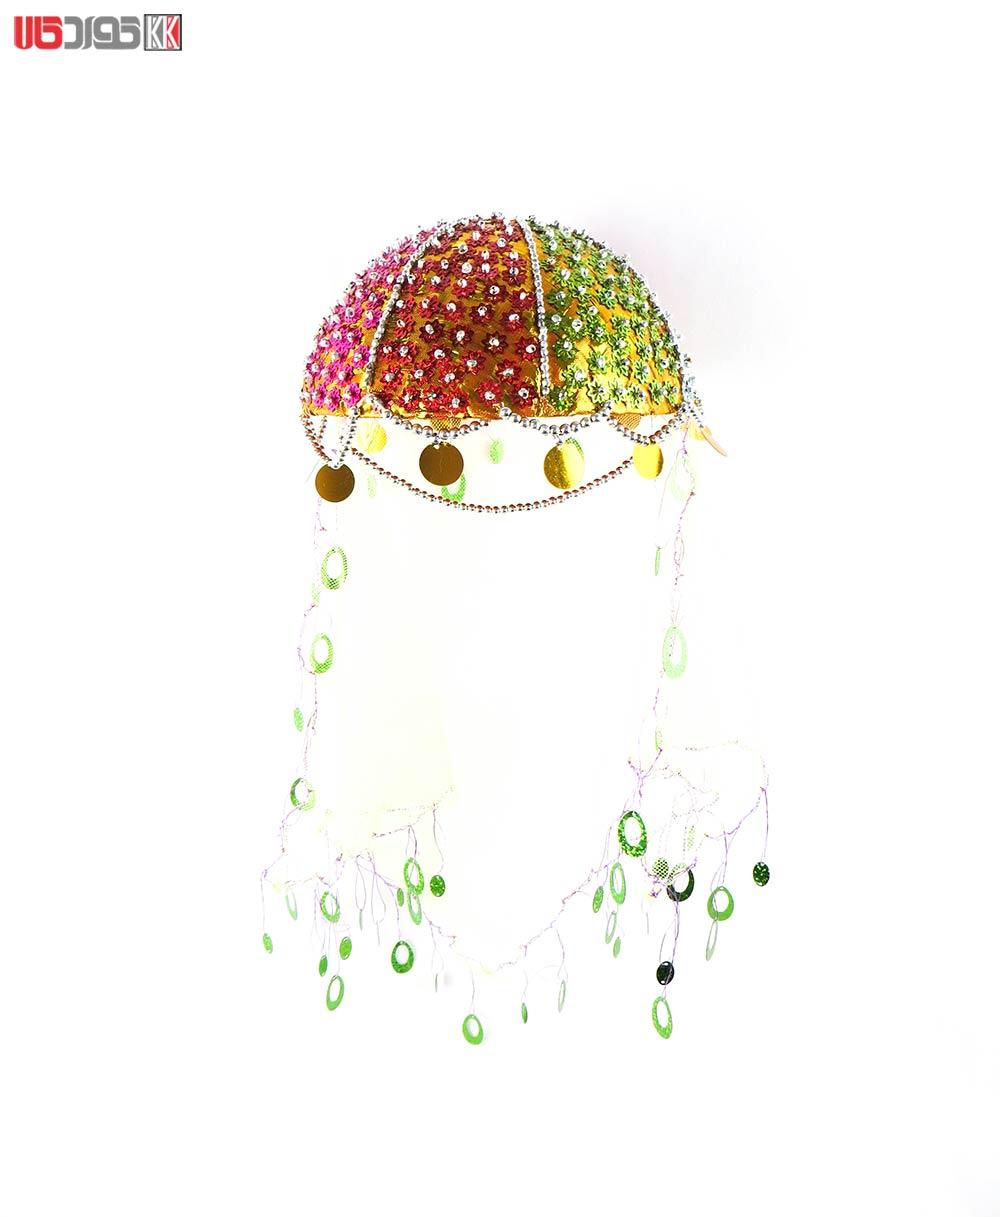 کلاه سنتی دخترانه کردستان طرح روژا